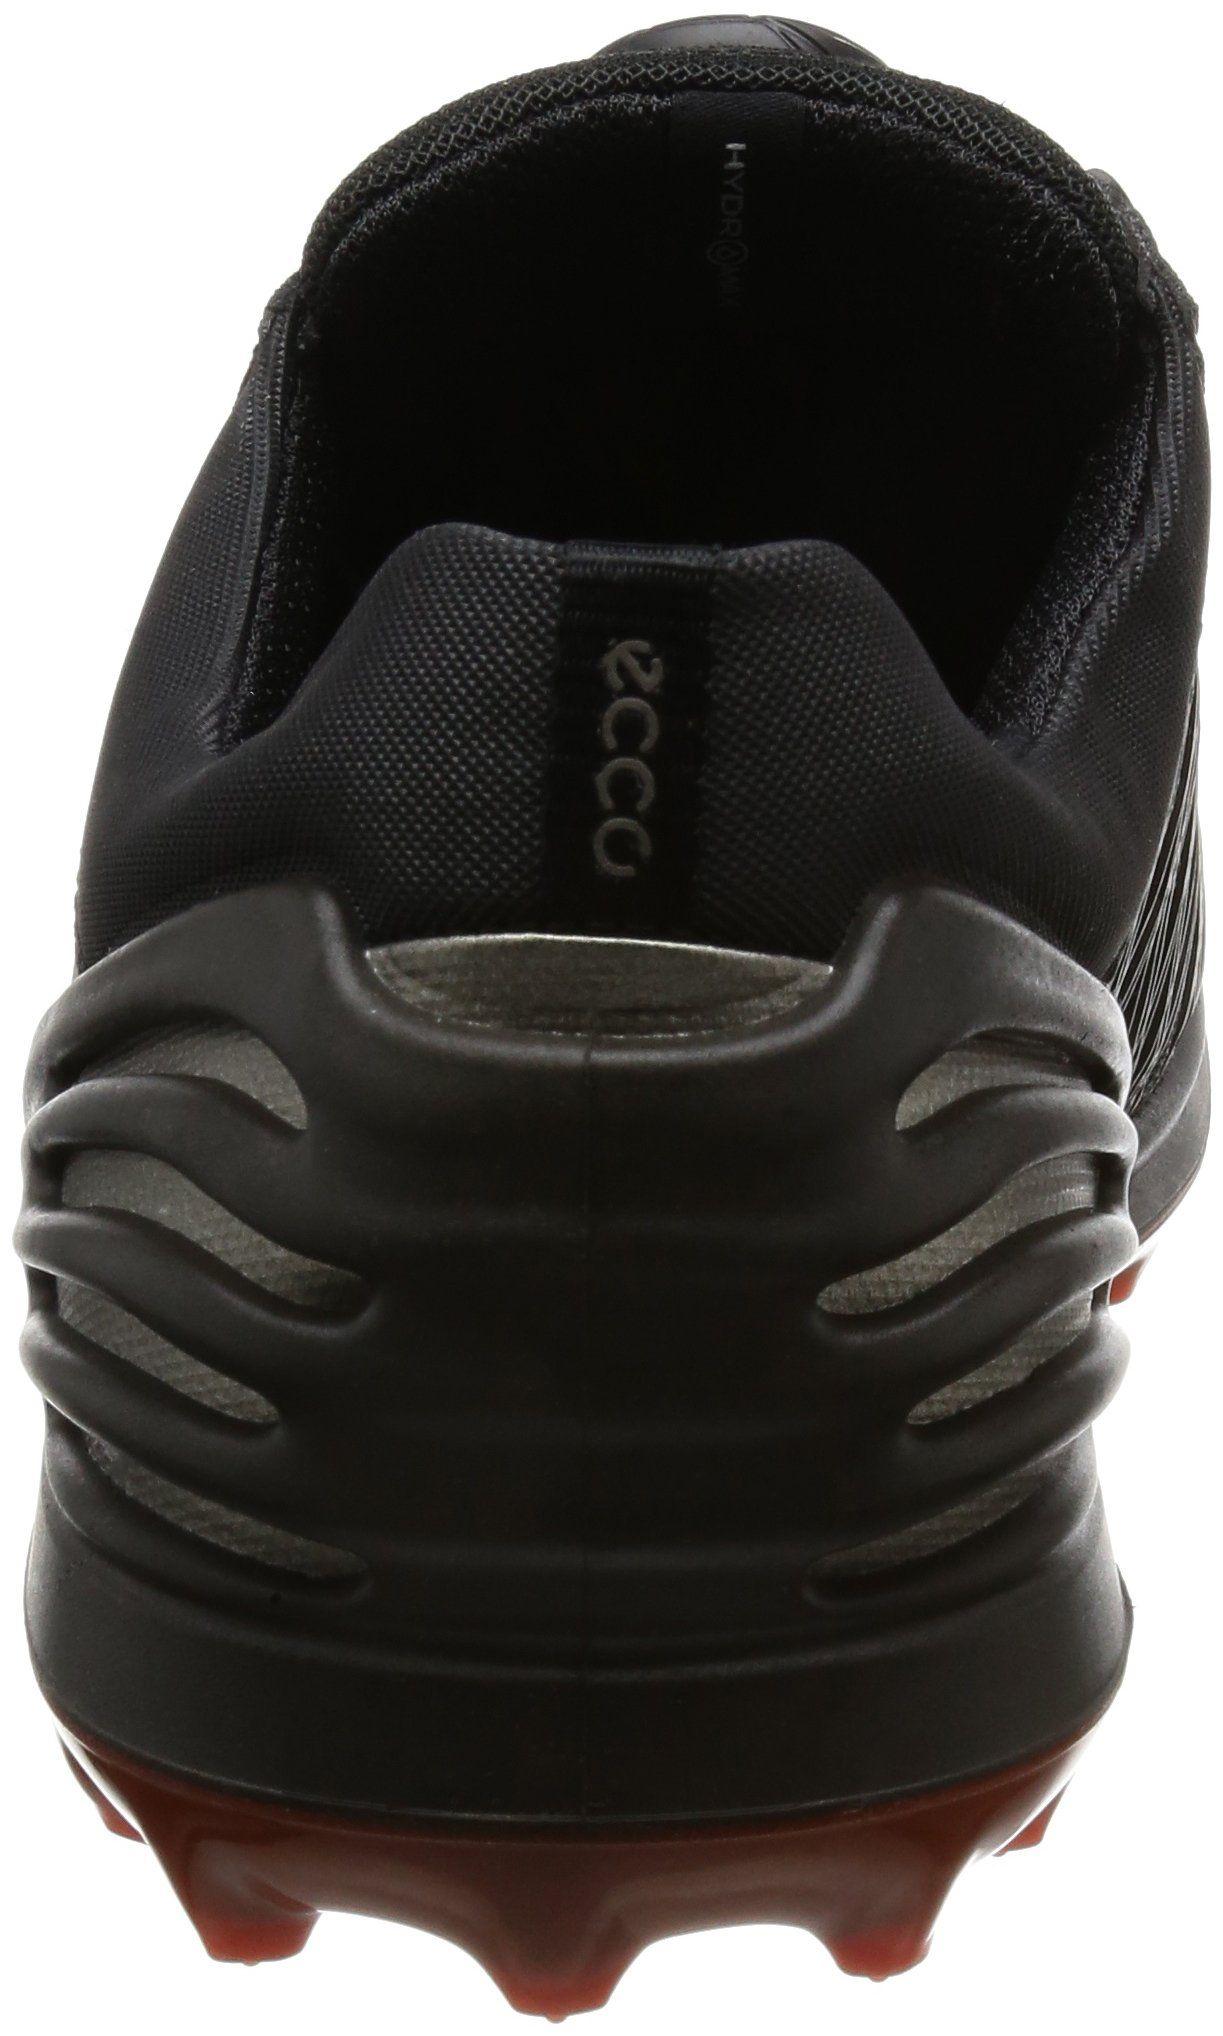 fd4e8addbfbf Golf Shoes     ECCO Mens Cage Pro Boa Golf Shoe Black 41 EU 77.5 M US      To find out more